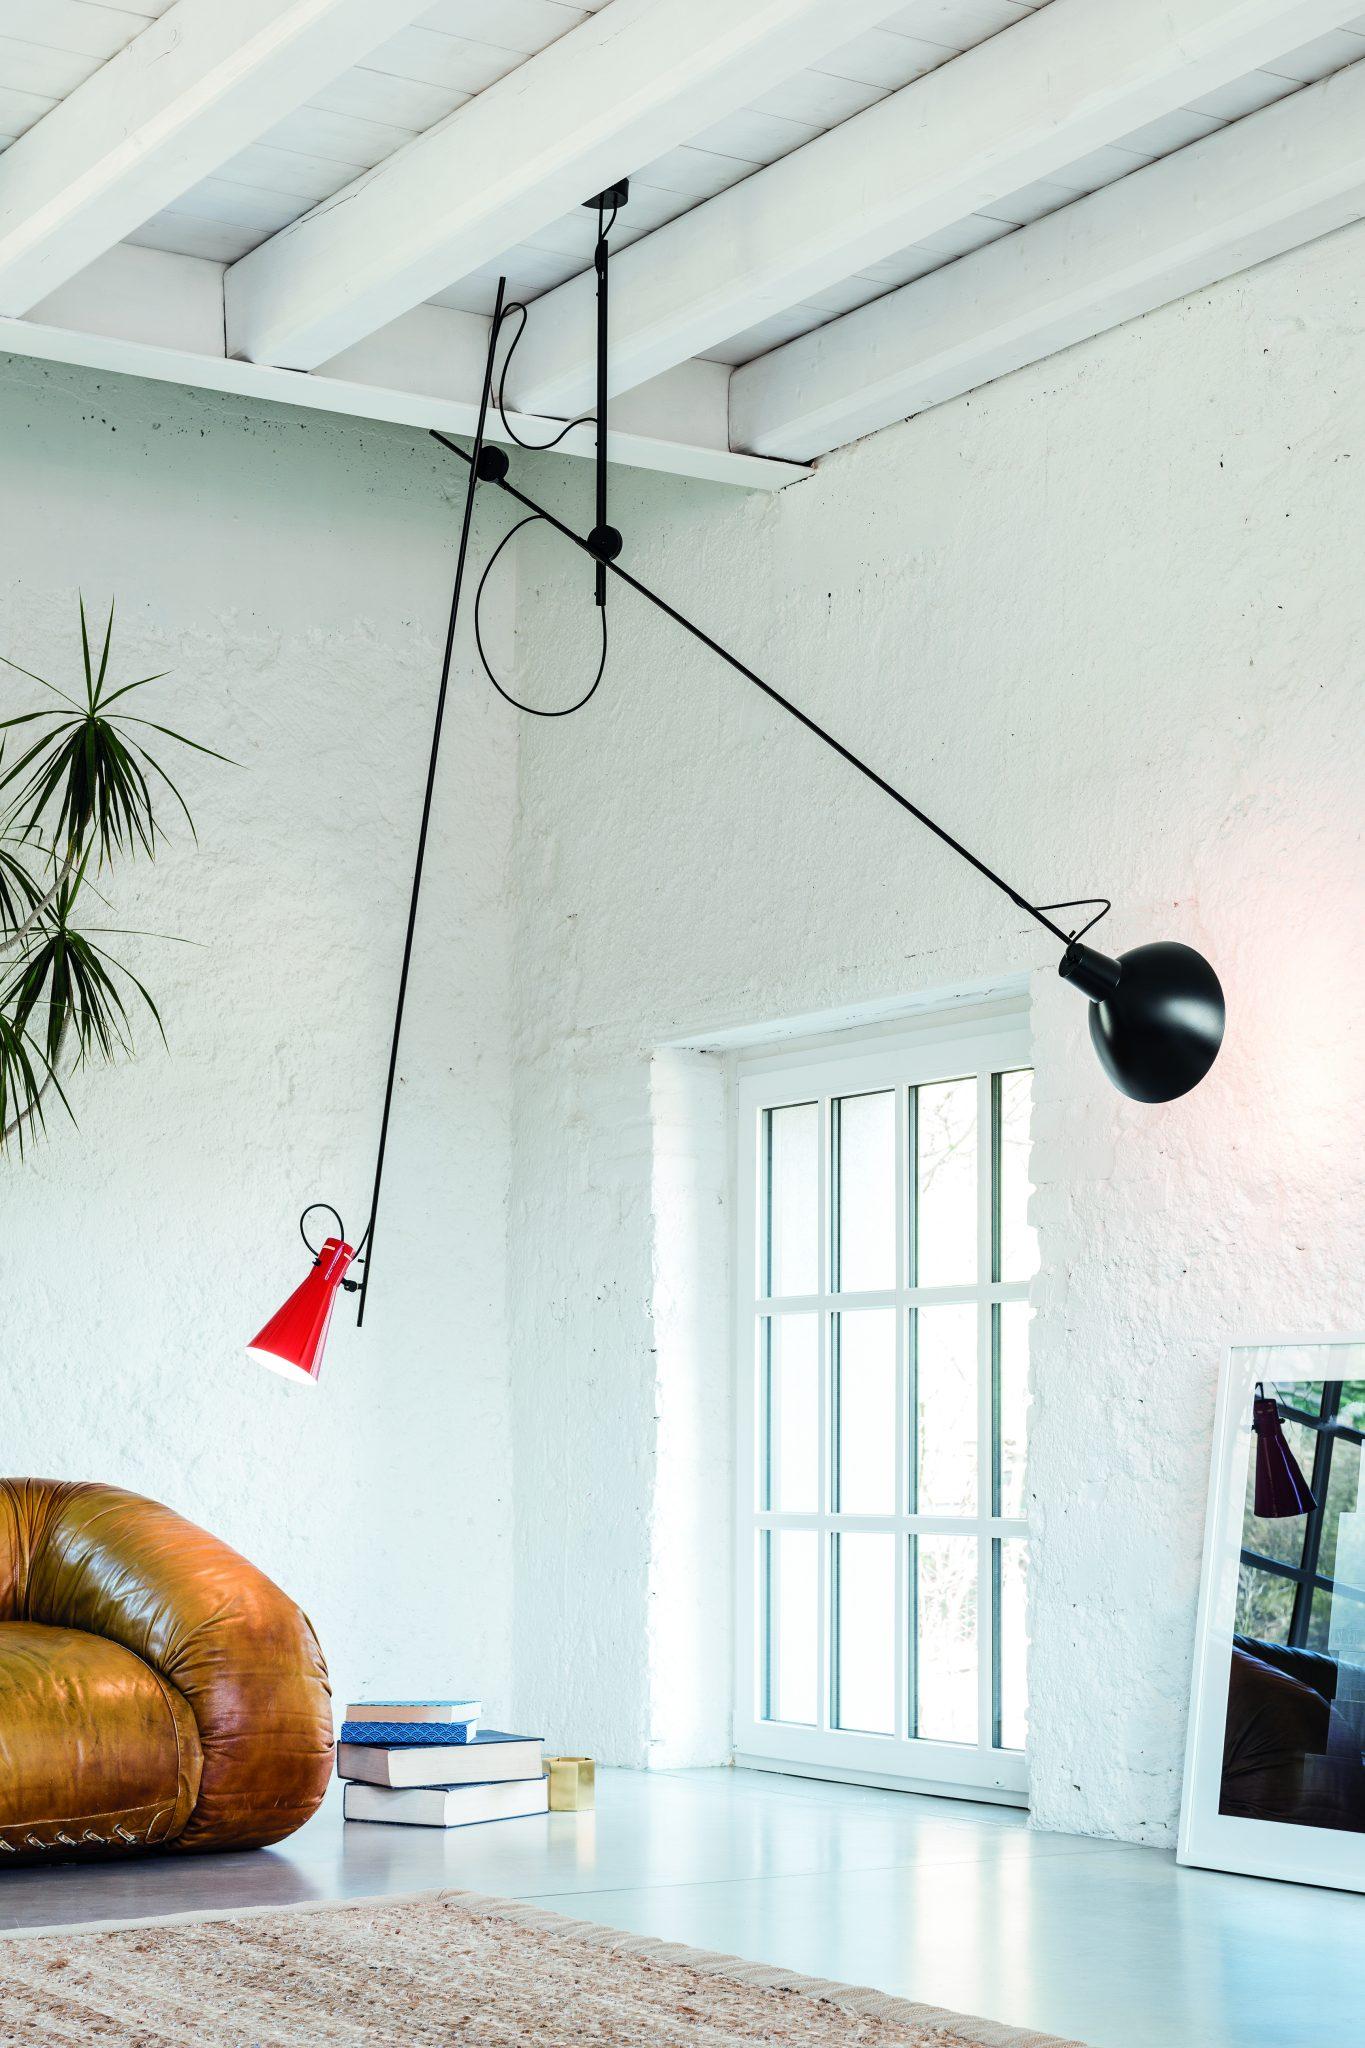 Cinquanta plafondlamp design vittoriano vigano astep for Design plafondlamp